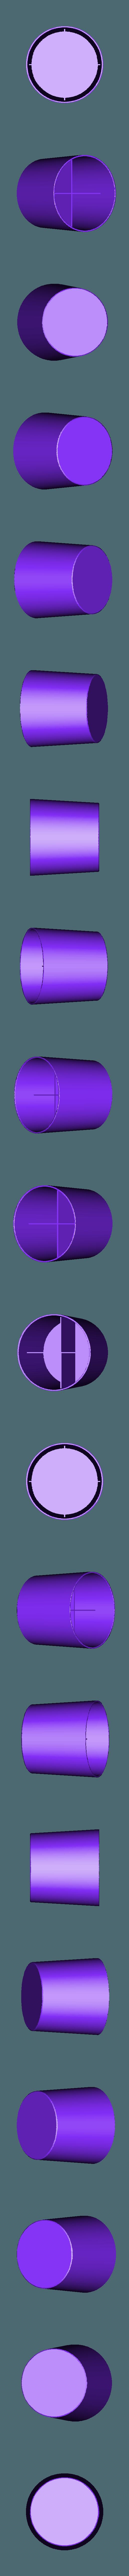 Base_0.20res_100.stl Télécharger fichier STL gratuit Boîtes de chewing-gum pour porte-gobelet de voiture • Plan pour impression 3D, stibo